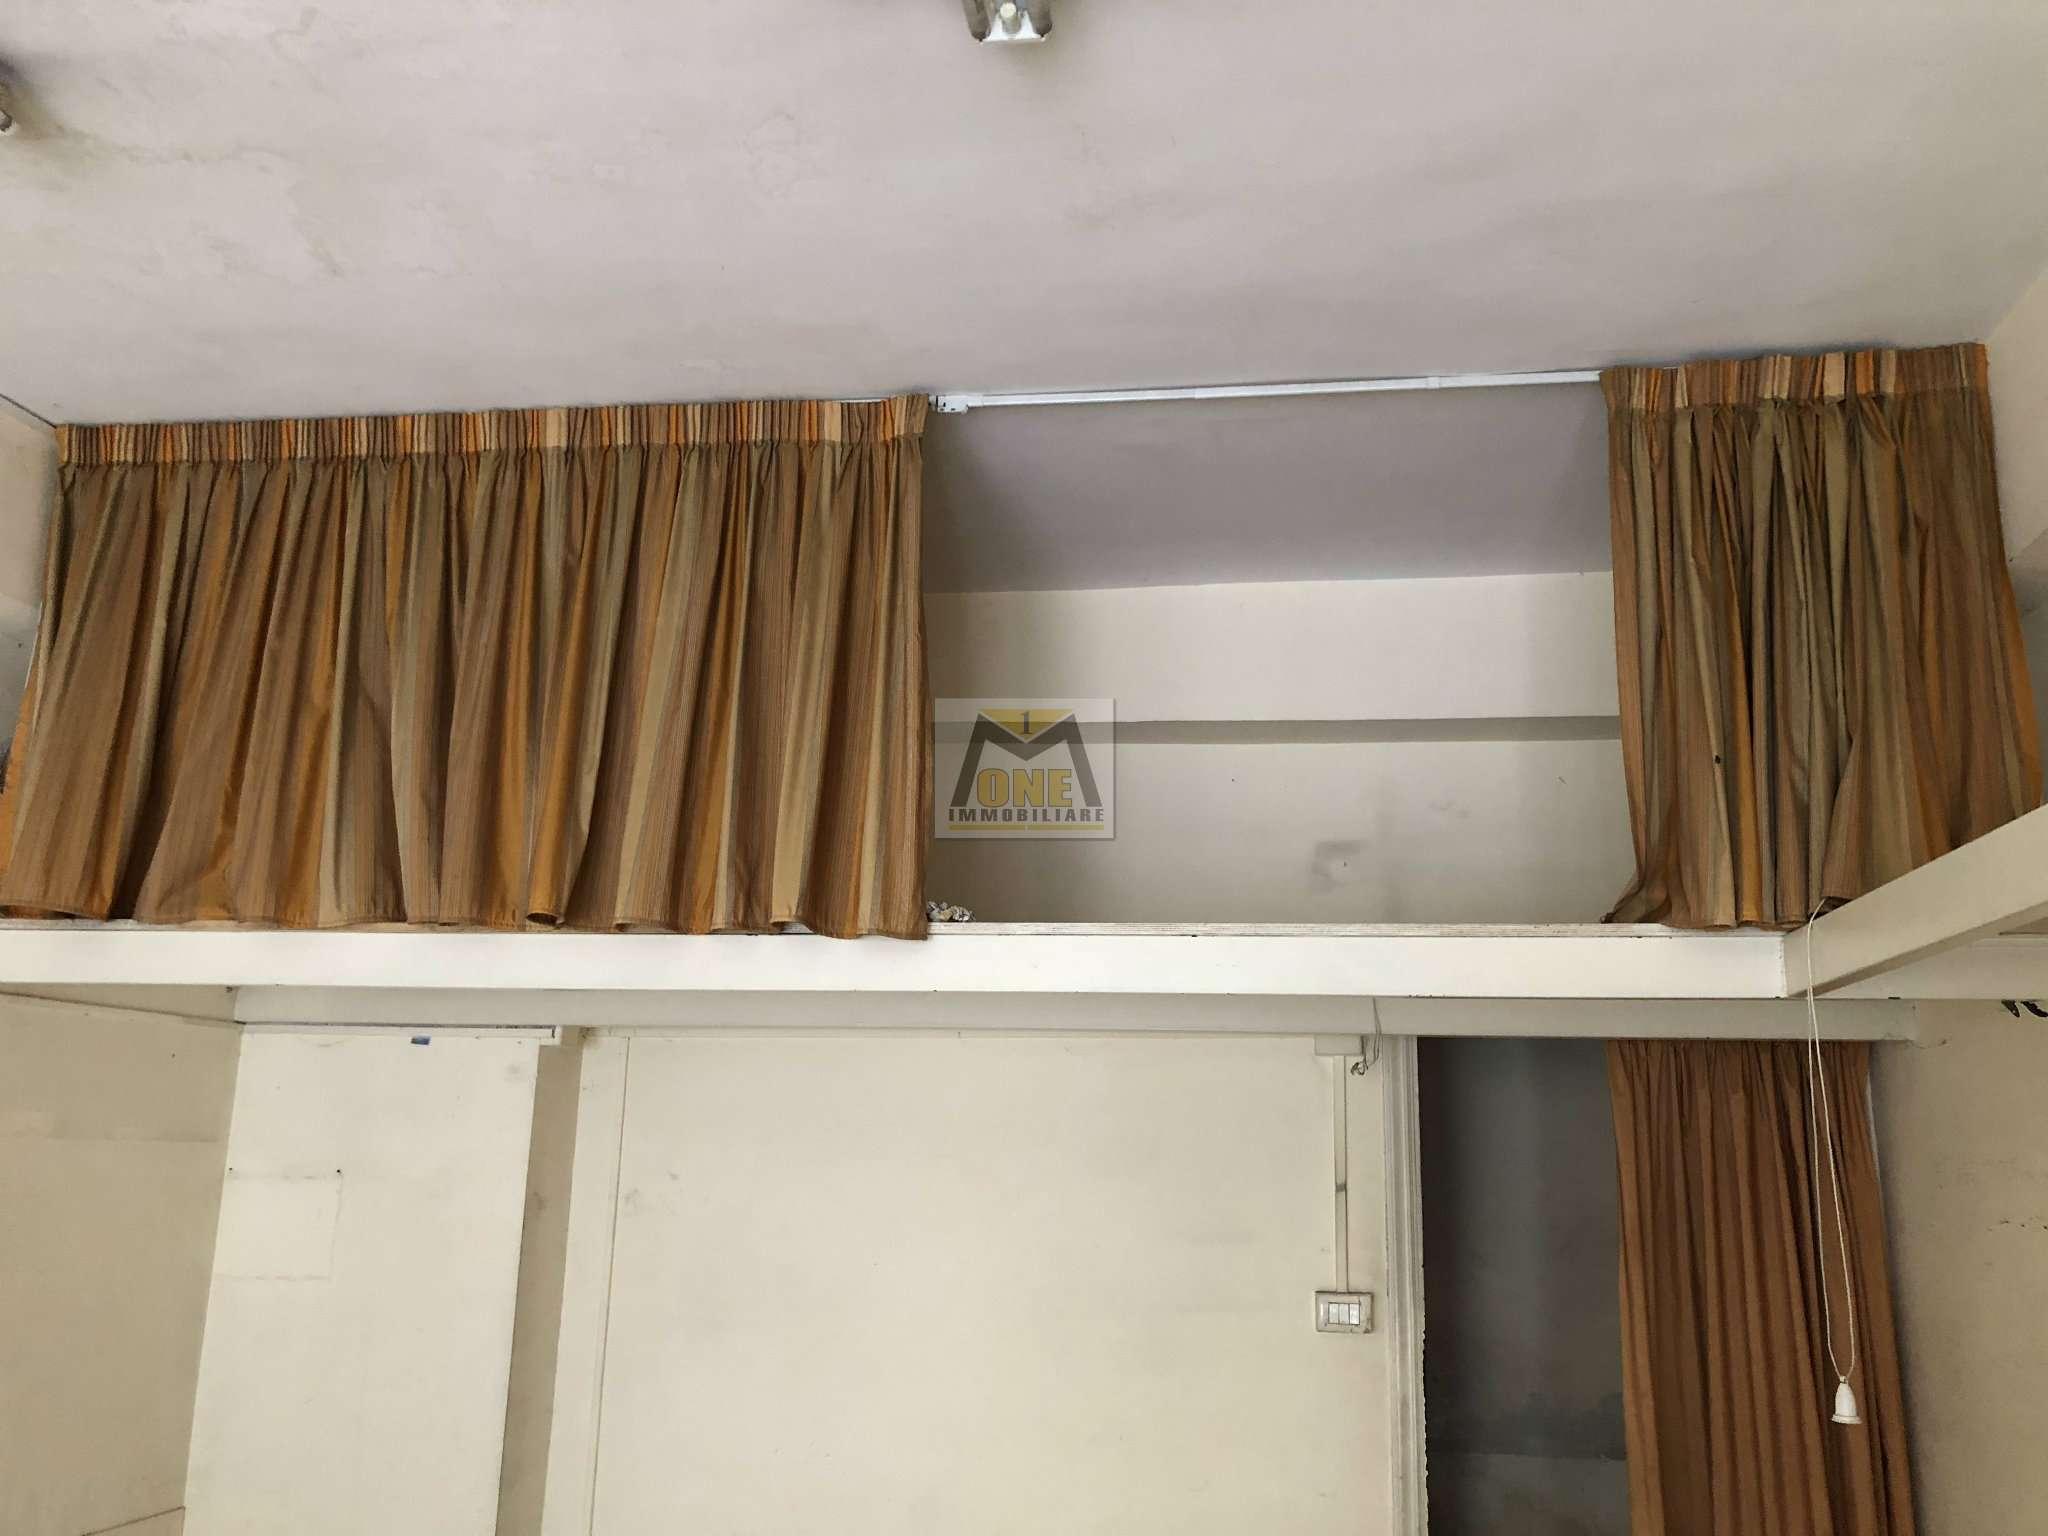 Negozio / Locale in affitto a Giugliano in Campania, 1 locali, prezzo € 450   CambioCasa.it